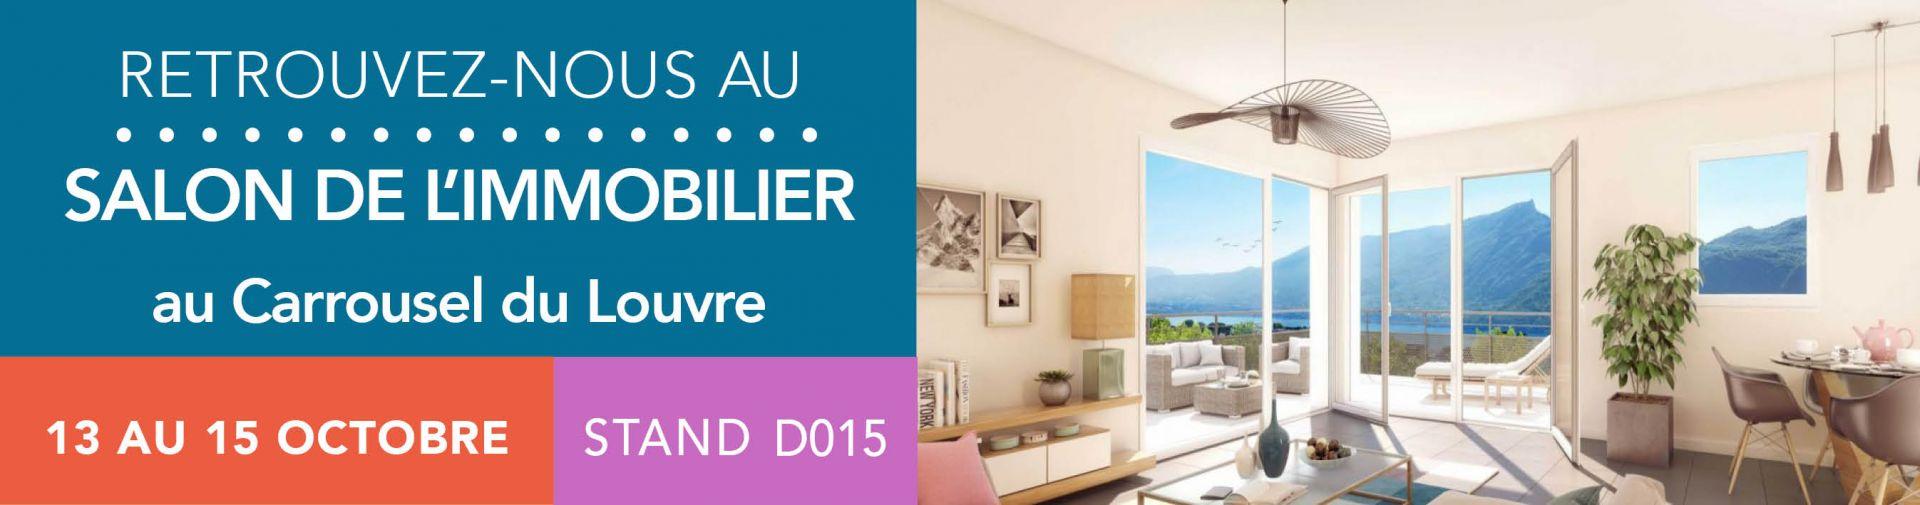 Salon de l 39 immobilier pierre invest - Salon national de l immobilier ...